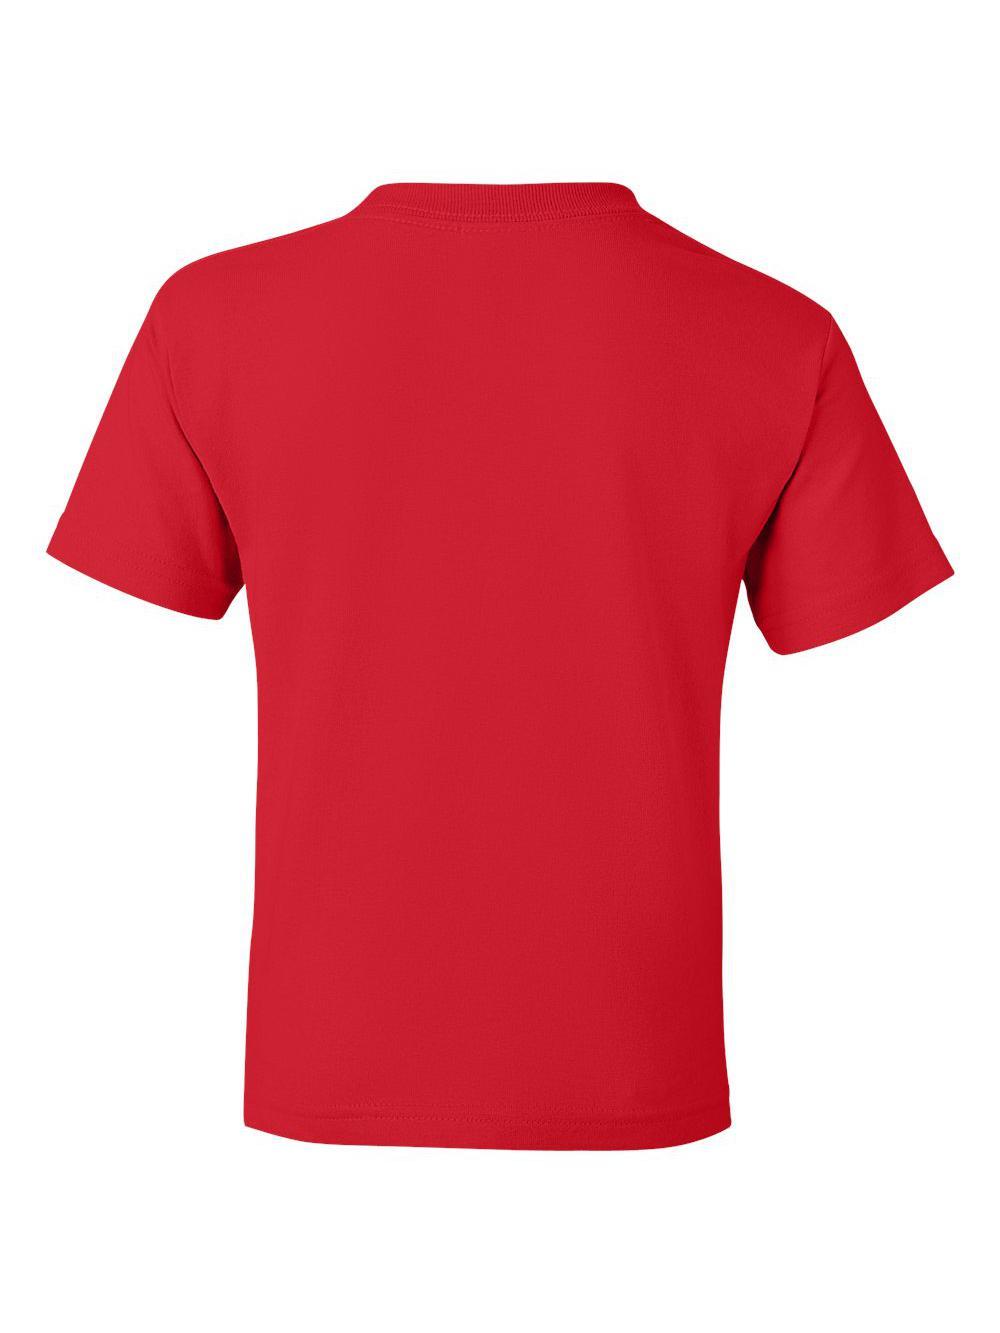 Gildan-DryBlend-Youth-50-50-T-Shirt-8000B thumbnail 76